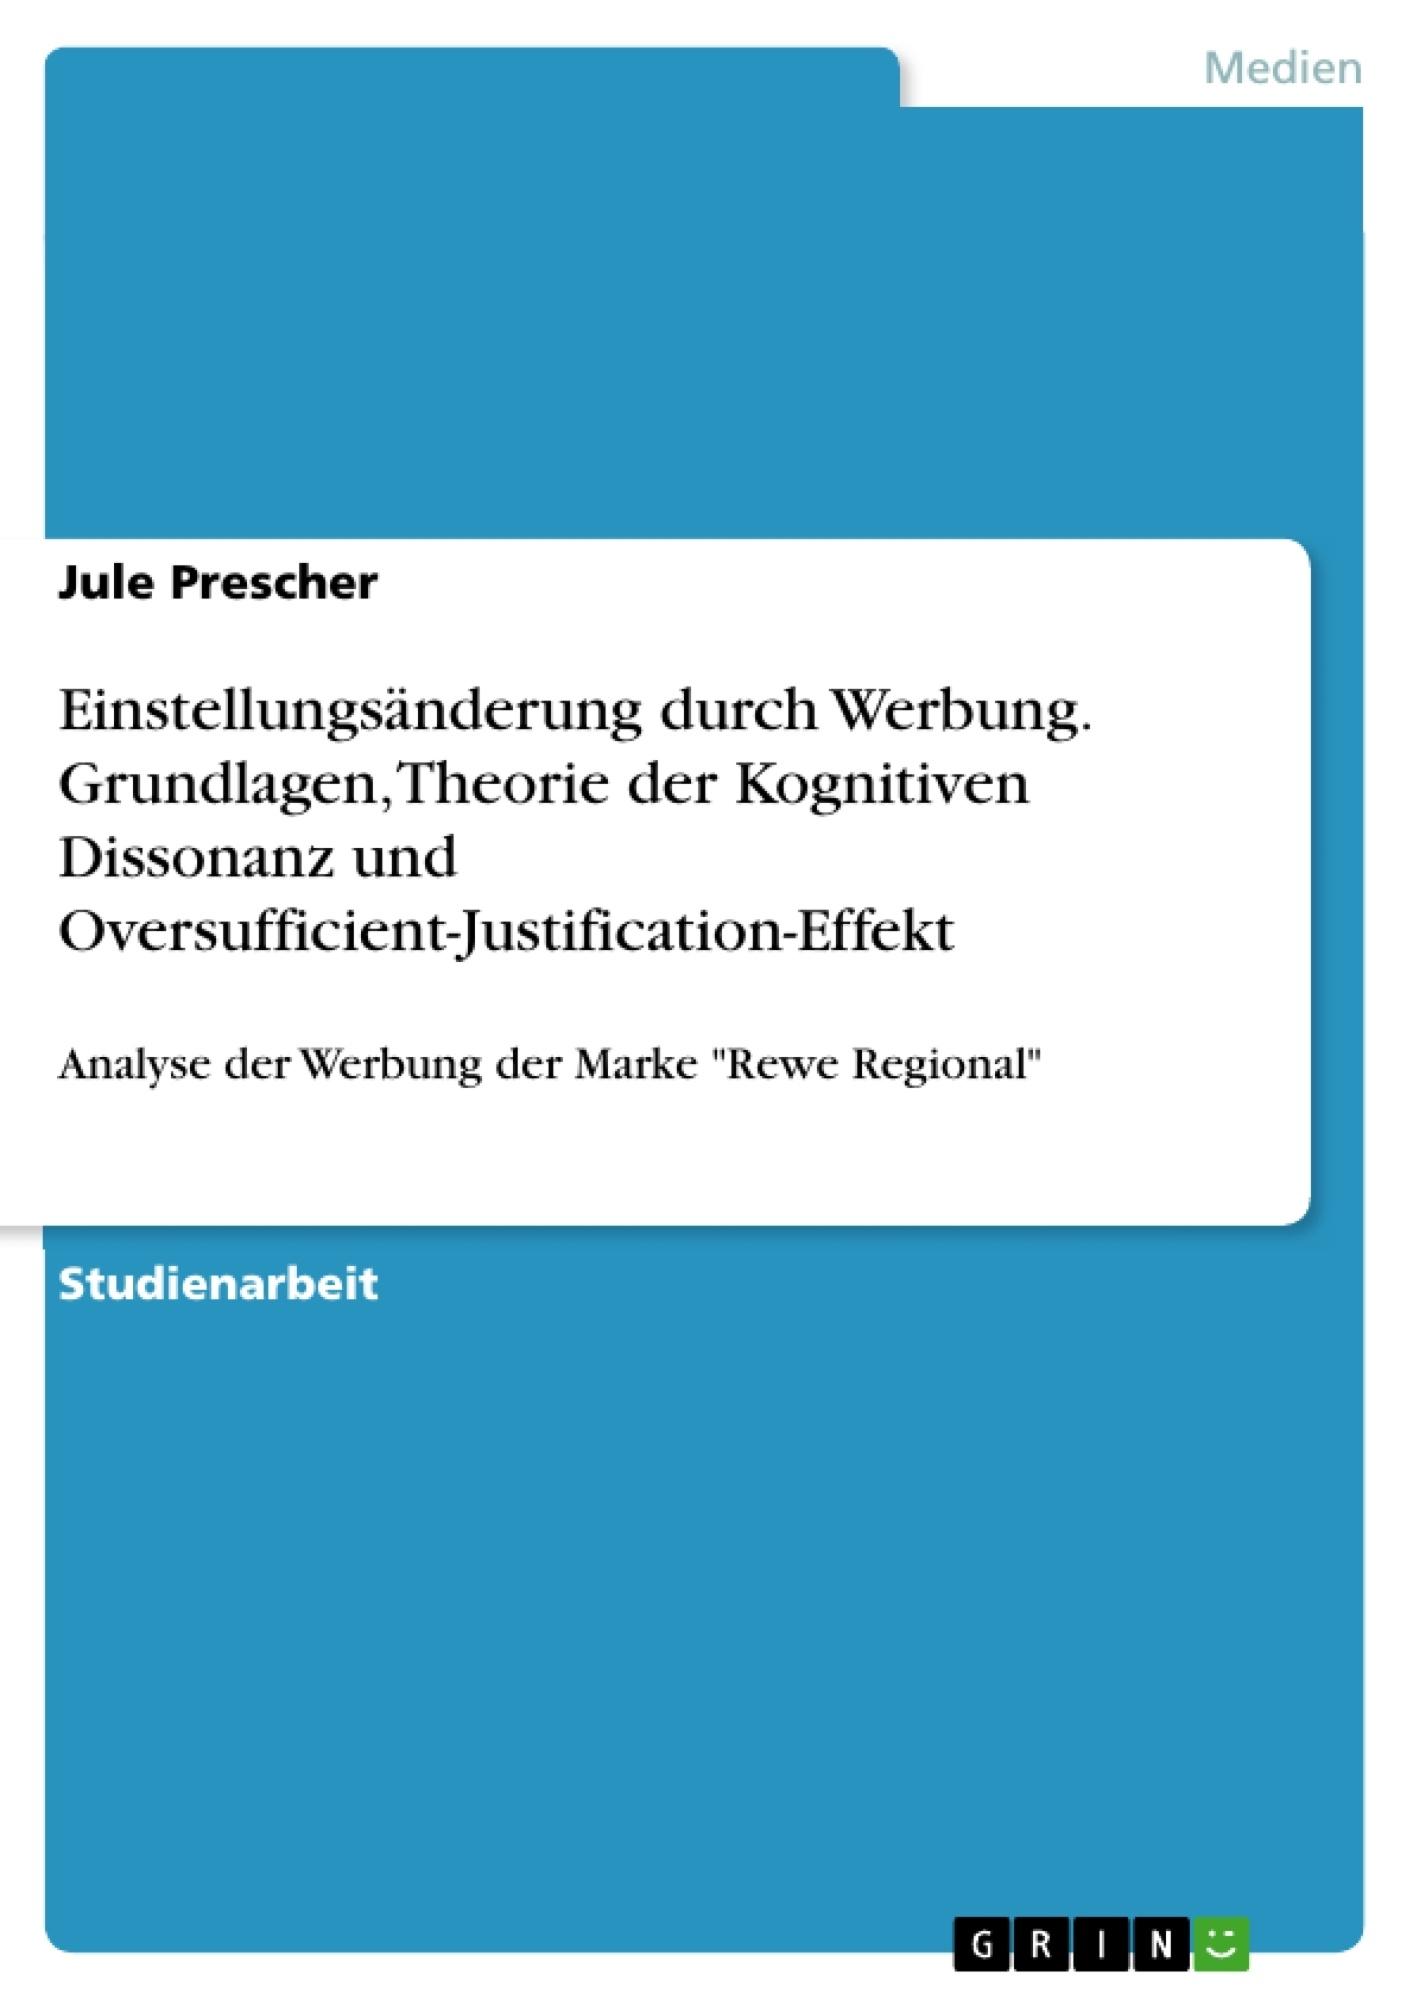 Titel: Einstellungsänderung durch Werbung. Grundlagen, Theorie der Kognitiven Dissonanz und Oversufficient-Justification-Effekt